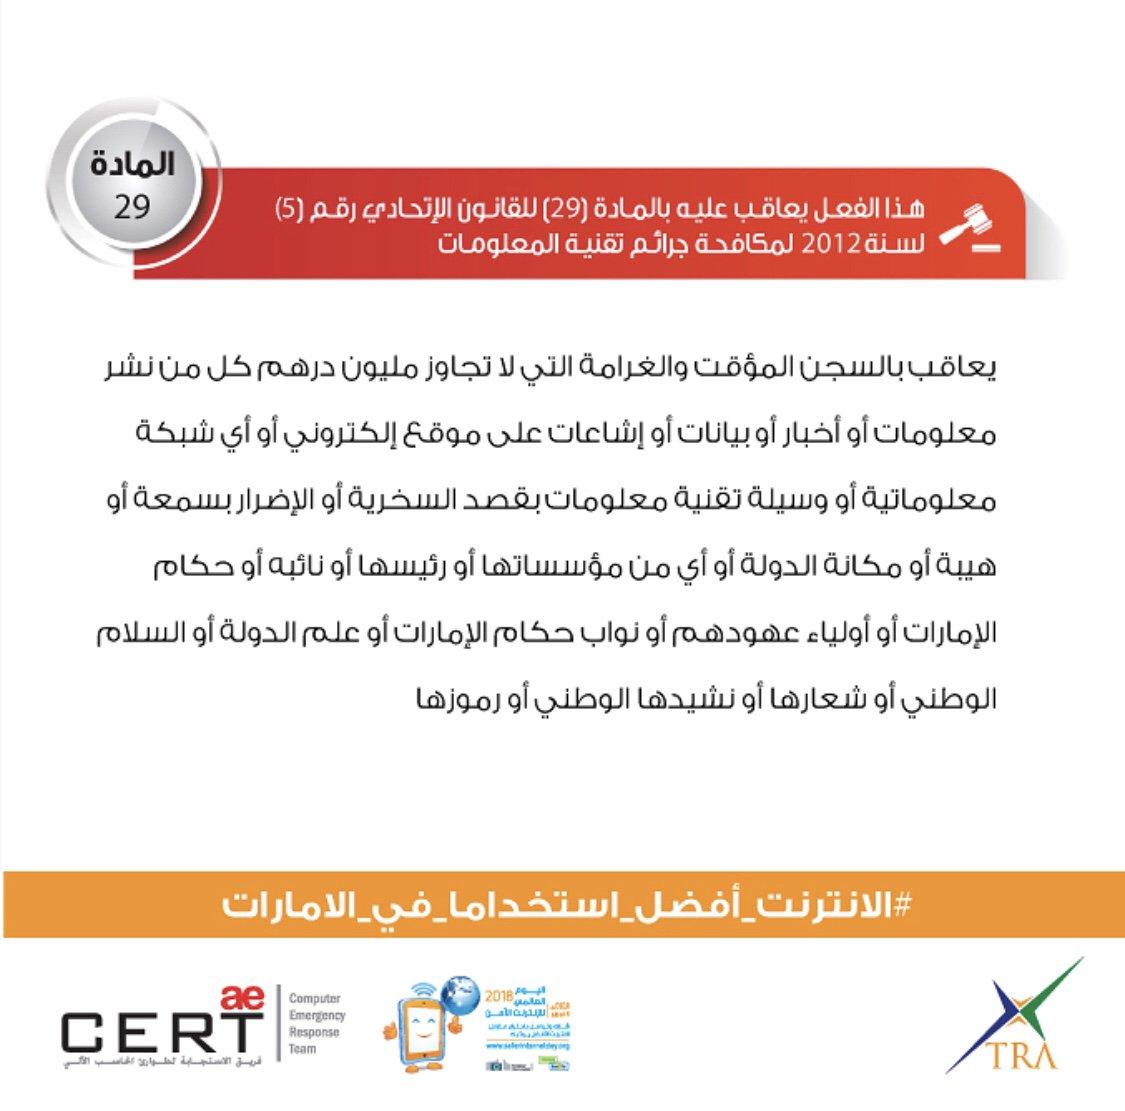 عرامة كبيرة على الترويج للأخبار الكاذبة في دبي